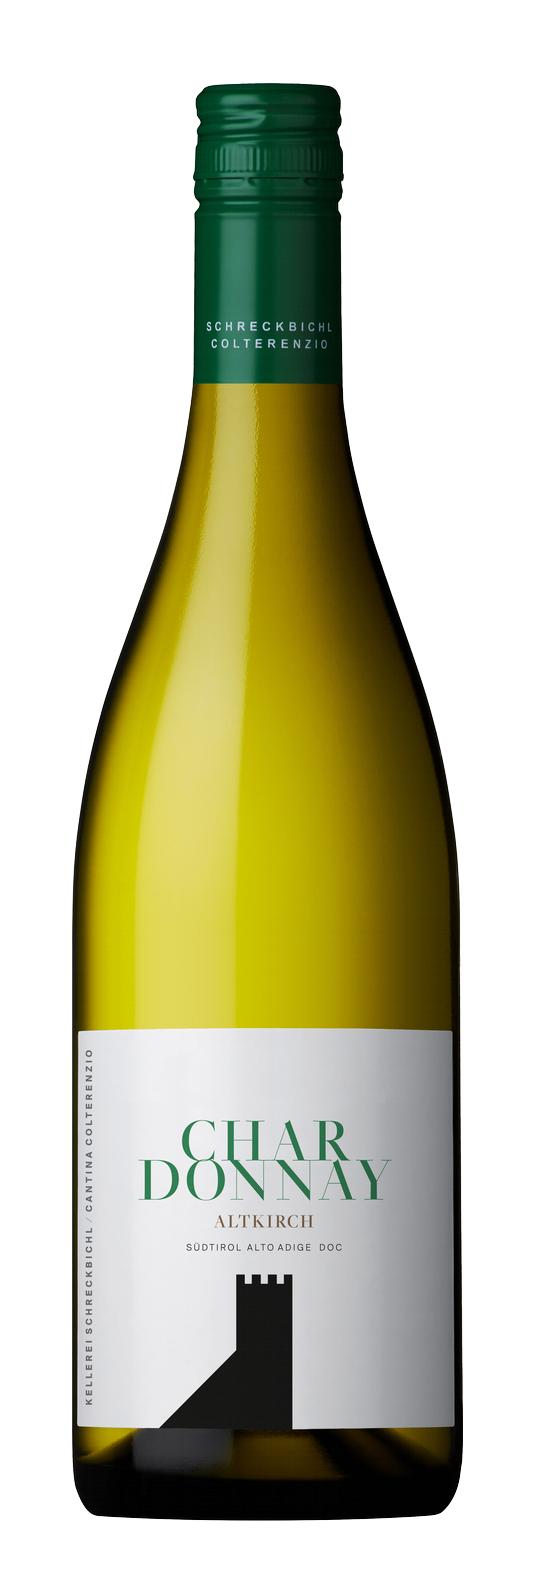 Schreckbichl, Südtirol 2020 Chardonnay Alto Adige DOC Altkirch, Schreckbichl